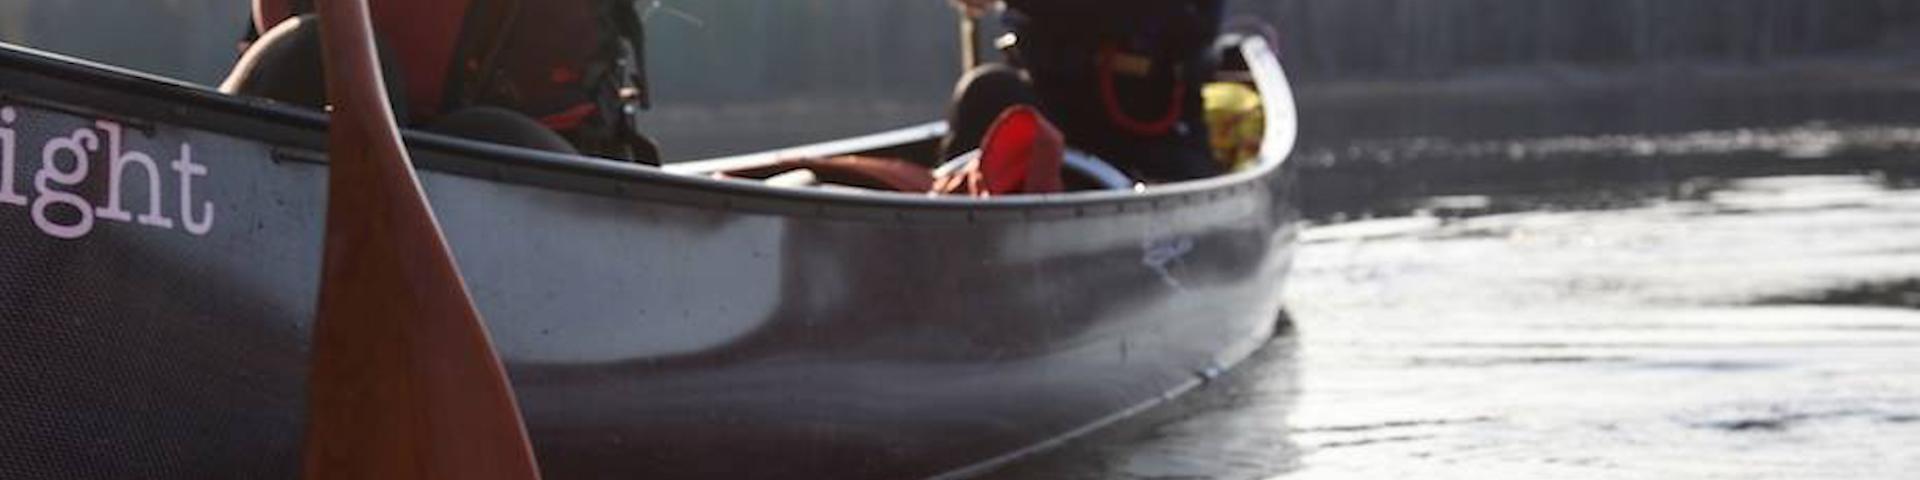 Canoe Paddles: Omega by Echo Paddles - Image 3167